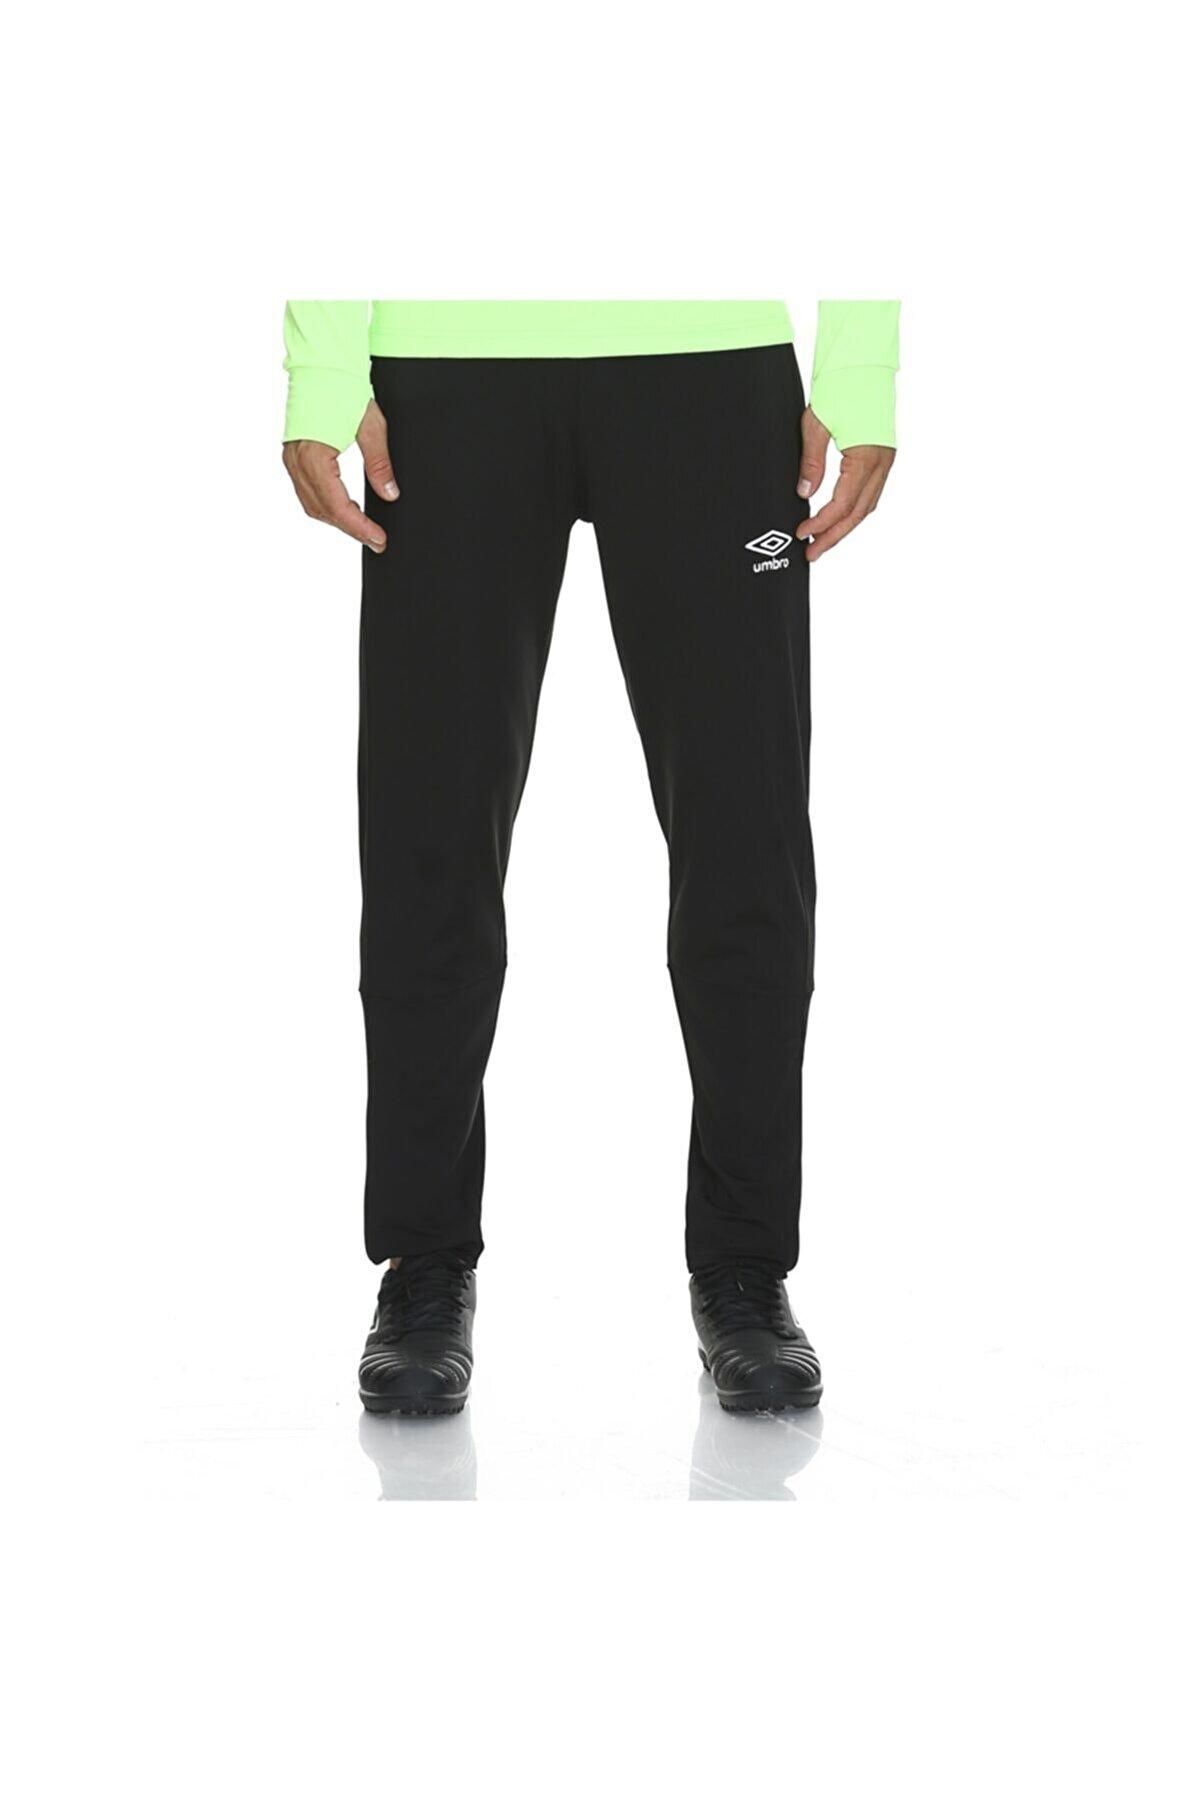 Umbro Erkek Siyah Drill Top Esala Pantolon (td0011-01)